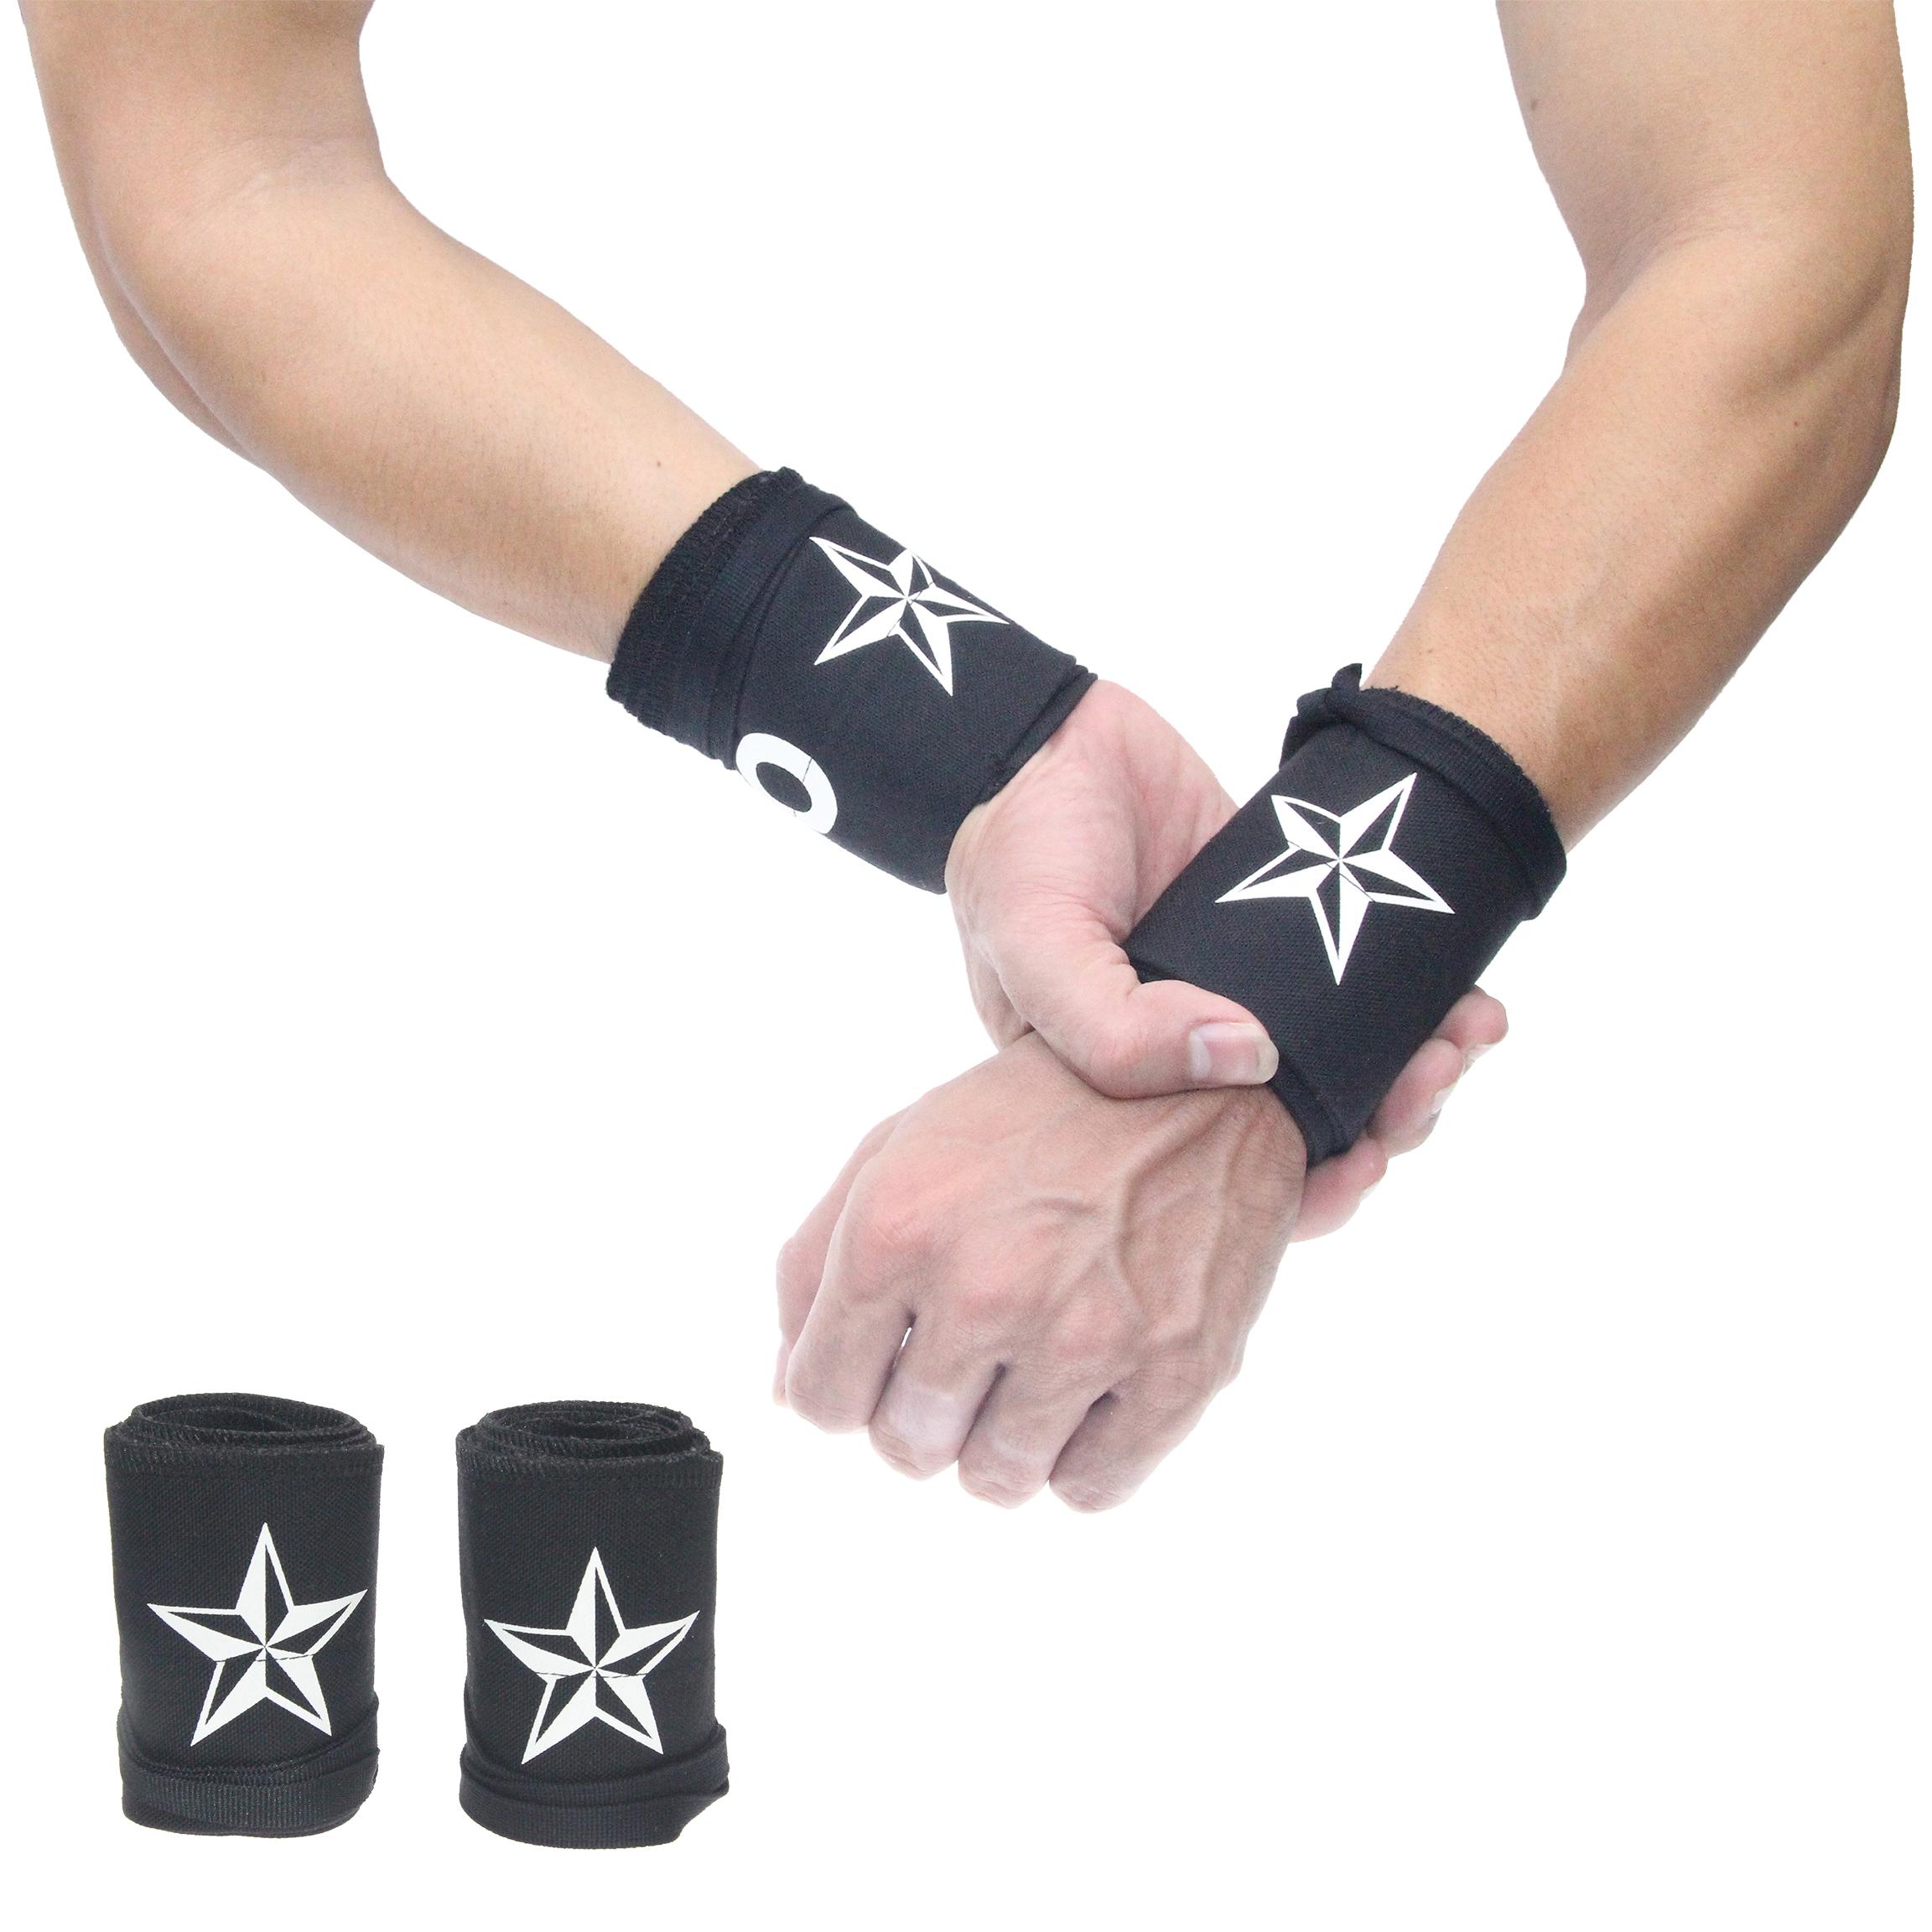 Bộ Băng Quấn Bảo Vệ Cổ Tay Cleacco Street Workout Wrist Wraps , Tập gym , Thể dục dụng cụ , Yoga , thiết kế quấn đặc biệt giúp cổ tay linh hoạt , giảm chấn thương – Hàng chính hãng .